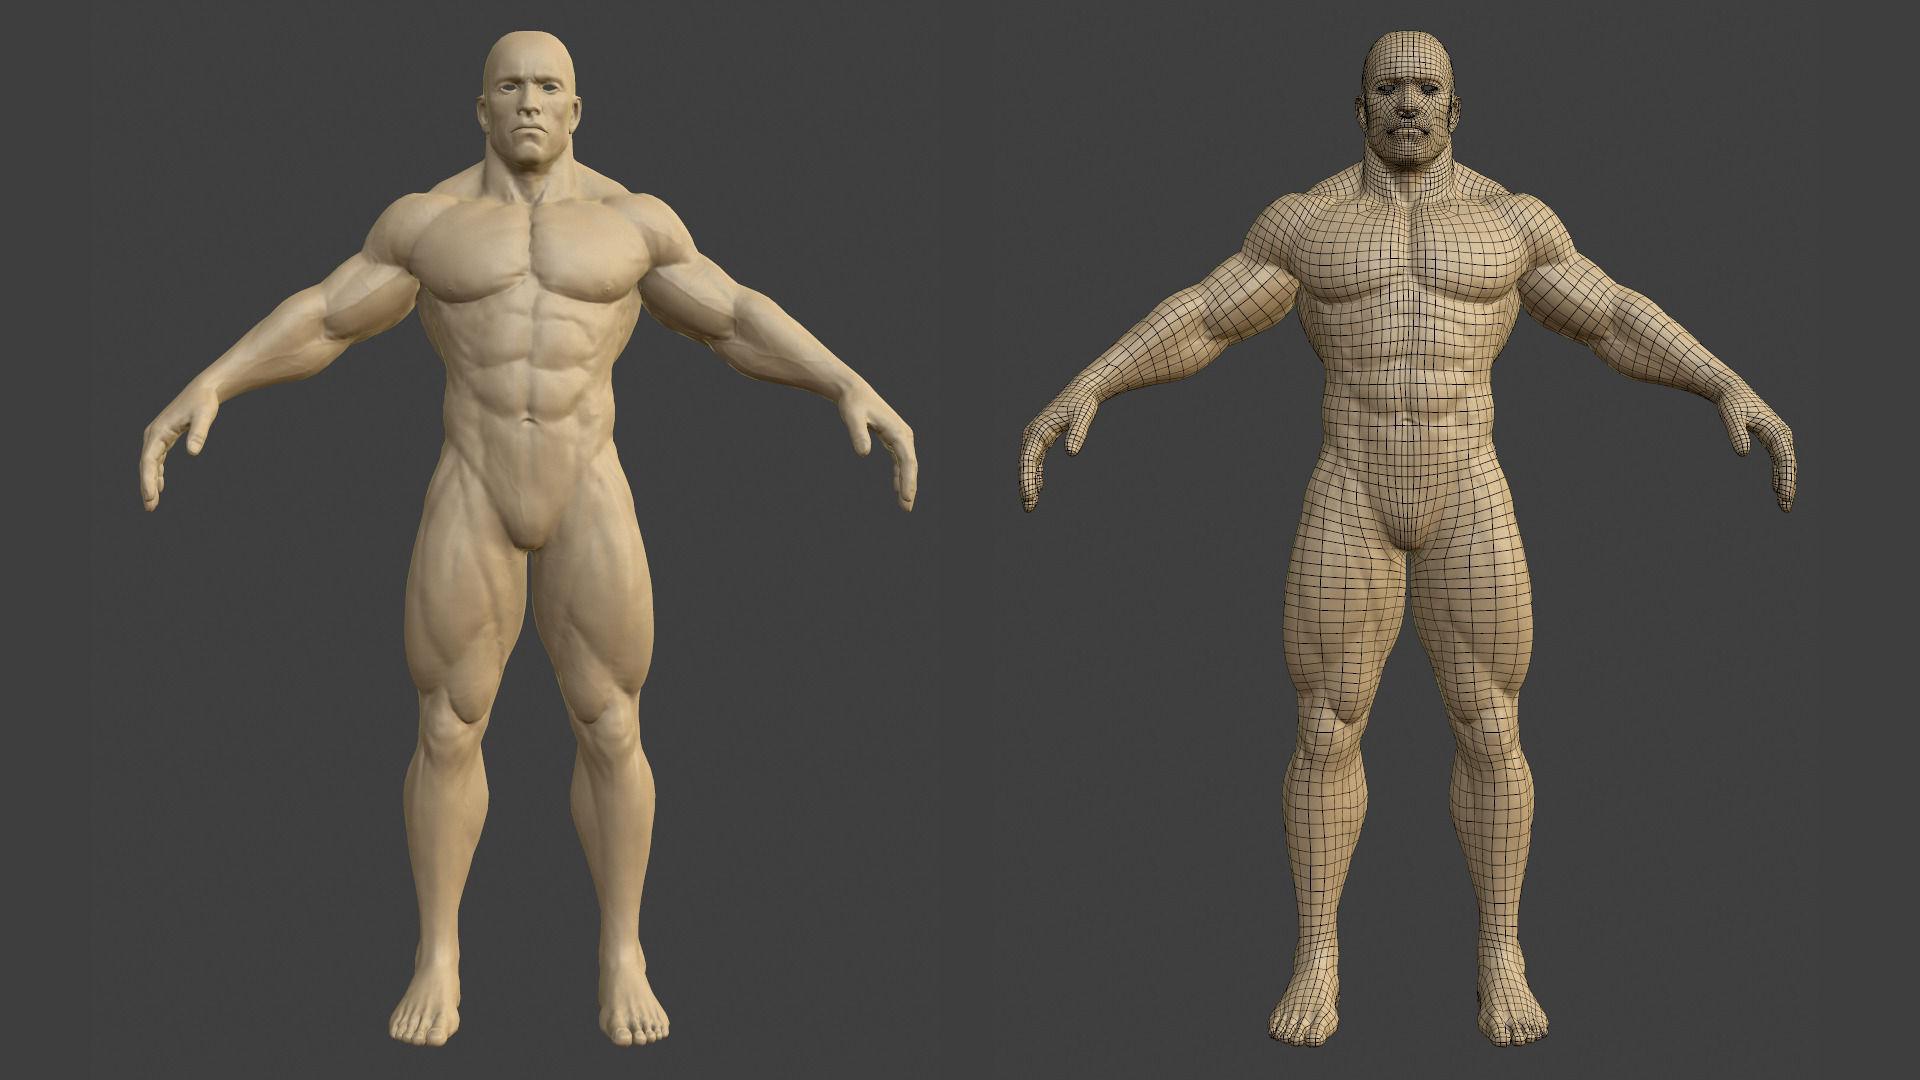 3d model muscular male body vr / ar / low-poly obj fbx ztl, Muscles